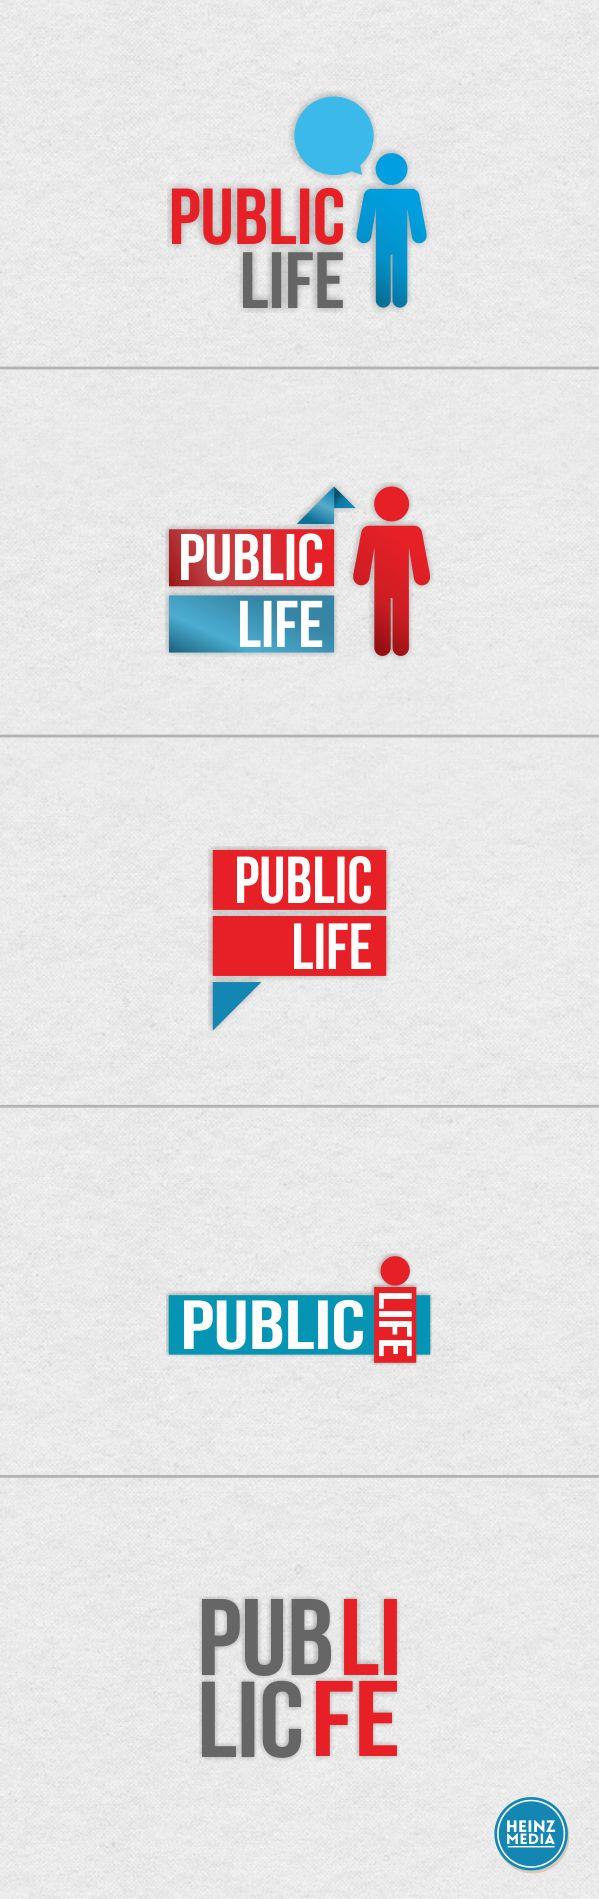 logos concept